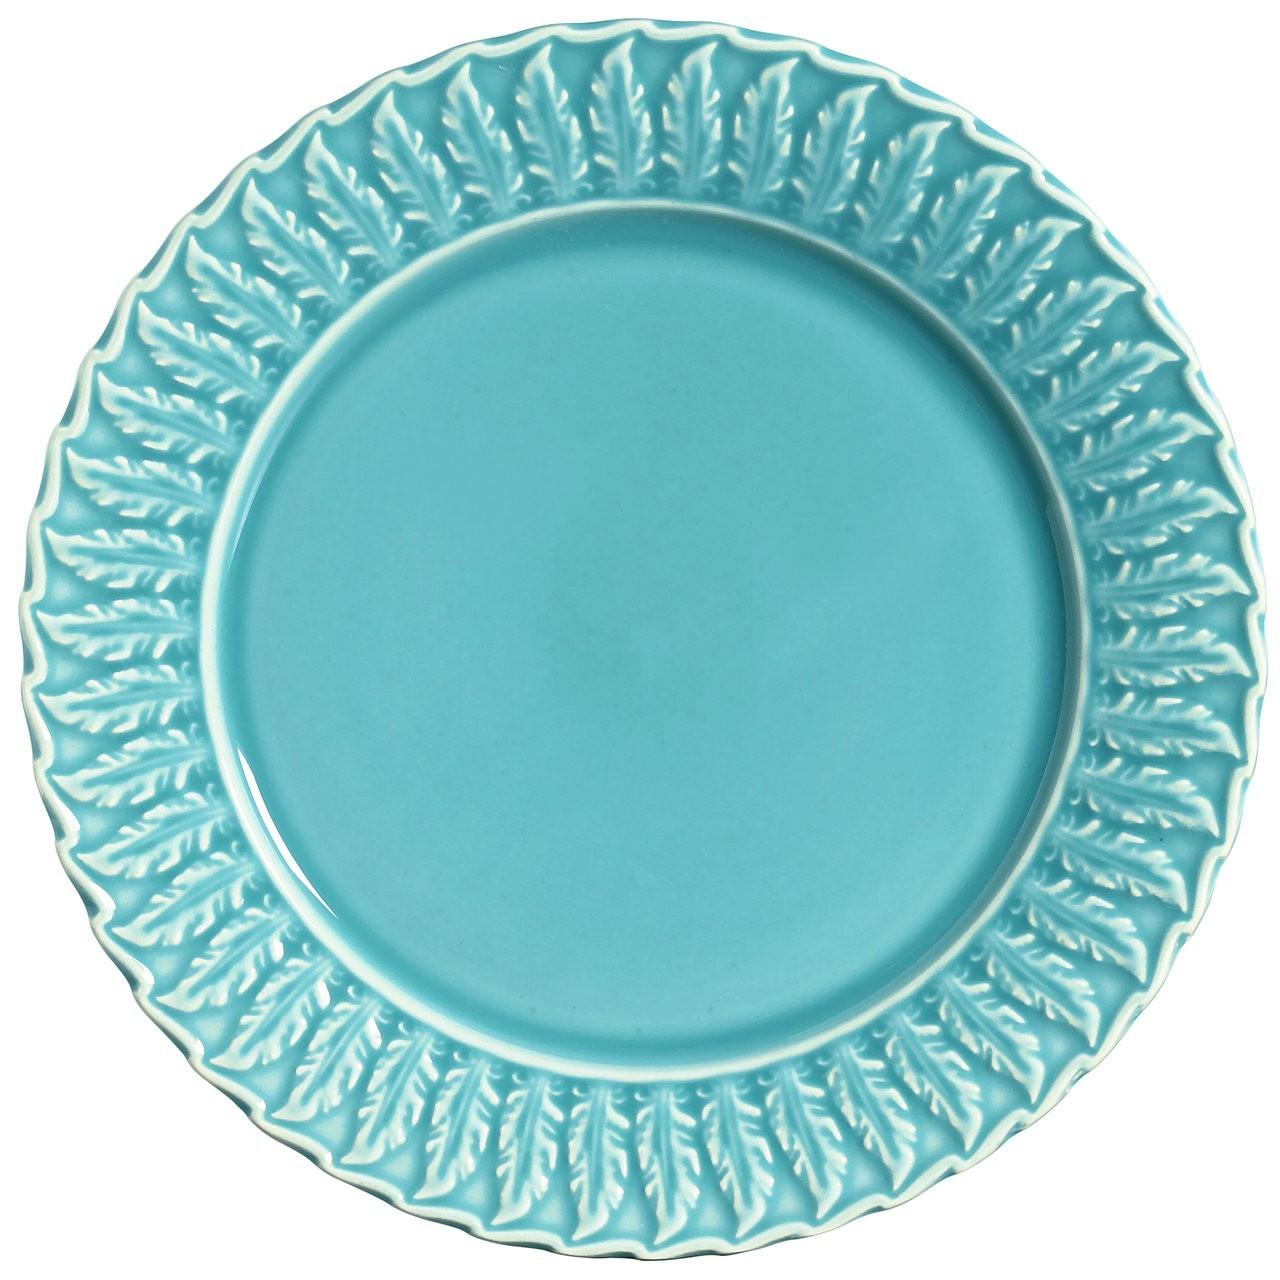 Prato Raso Panache 2 Azul (6 Unidades)